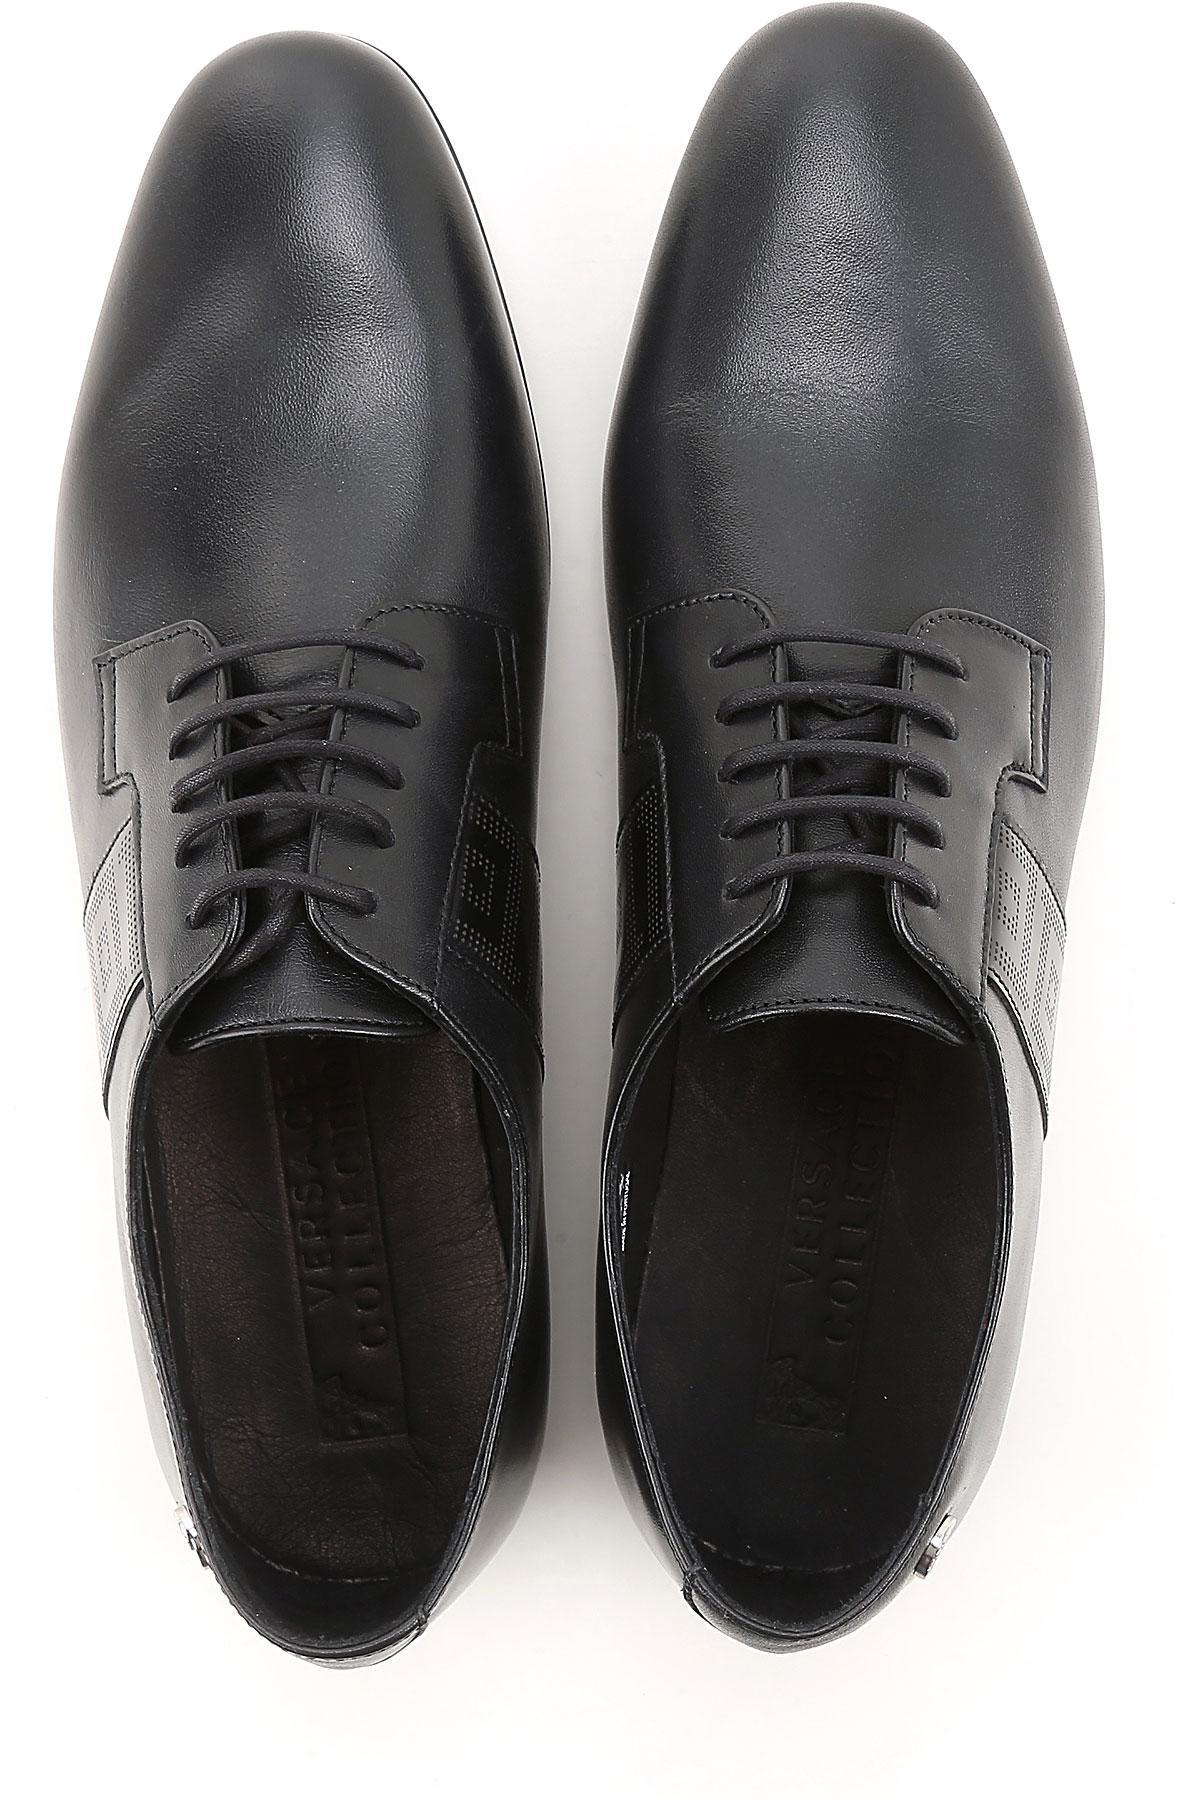 Lacets Homme Versace Chaussure Black À En Coloris Pour ulK1Tc3JF